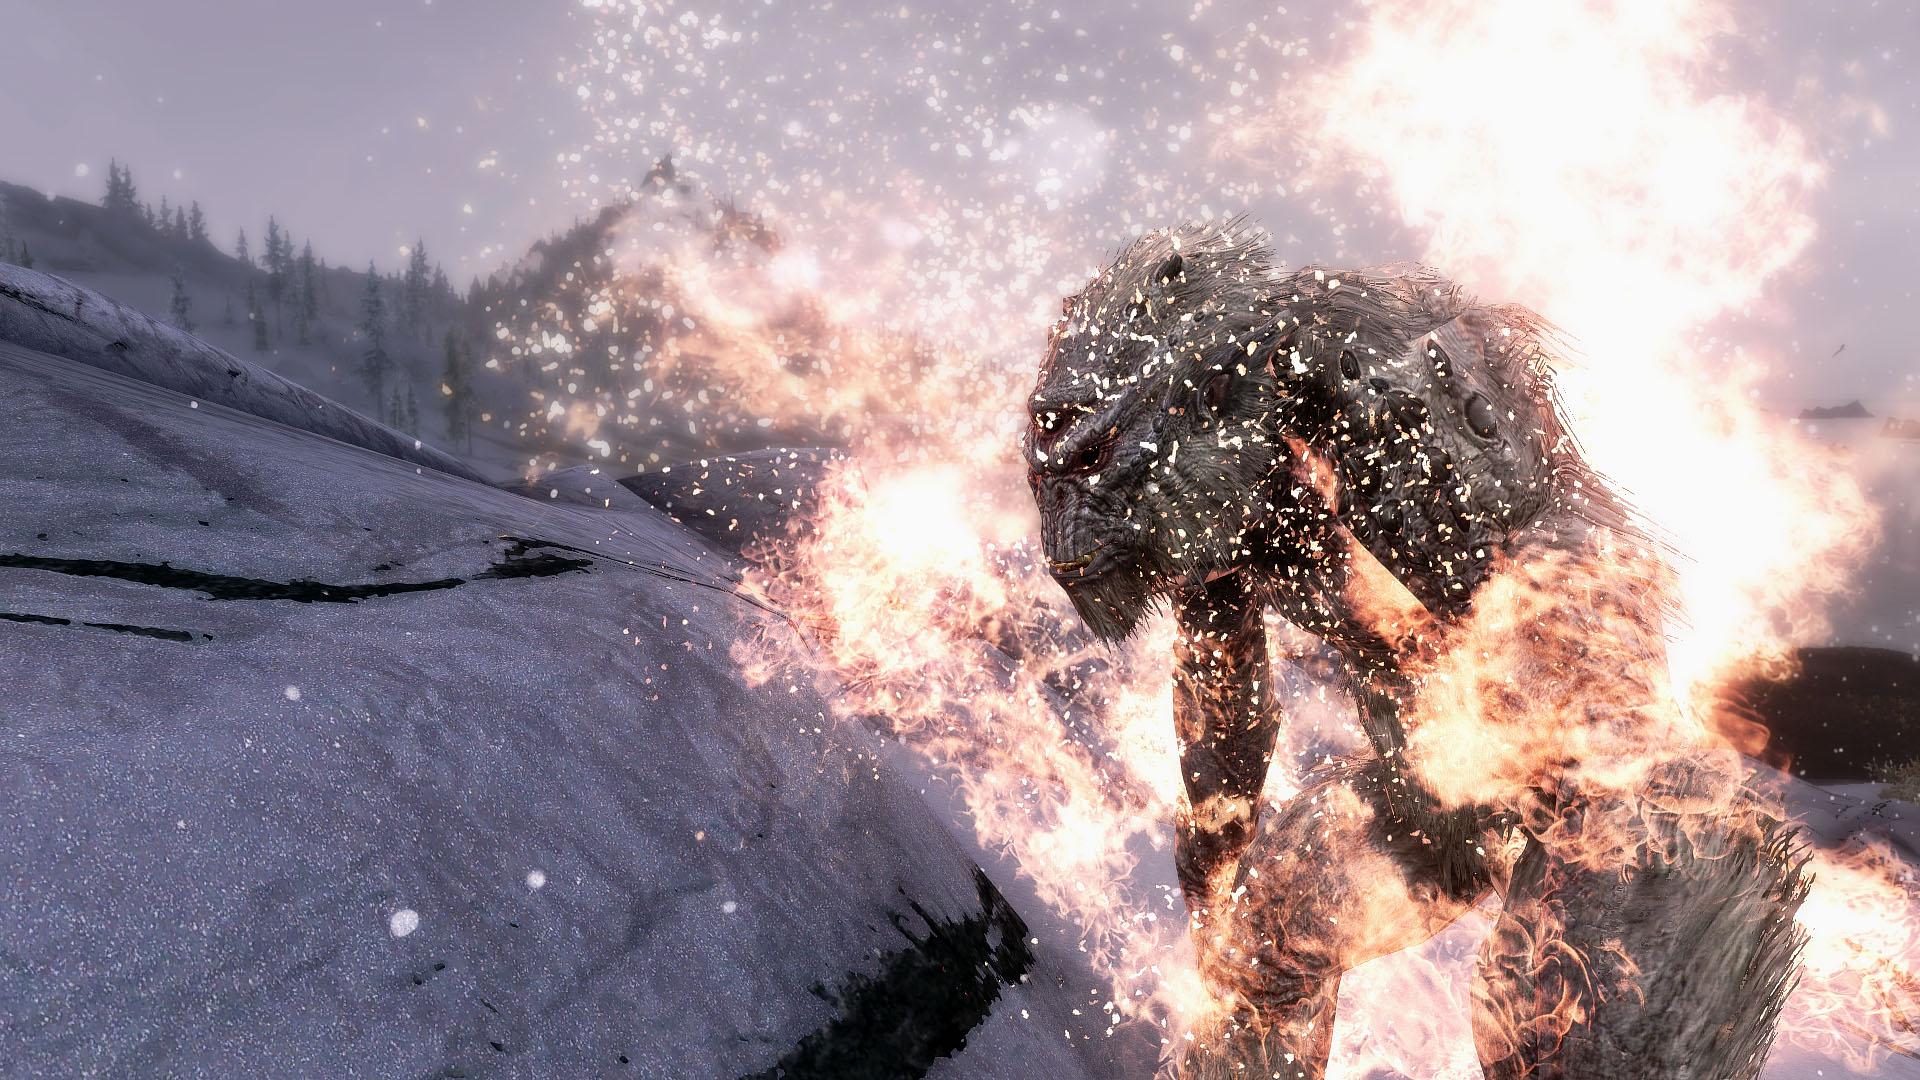 《上古卷轴5》超强火焰效果MOD-迷你酷-MINICOLL